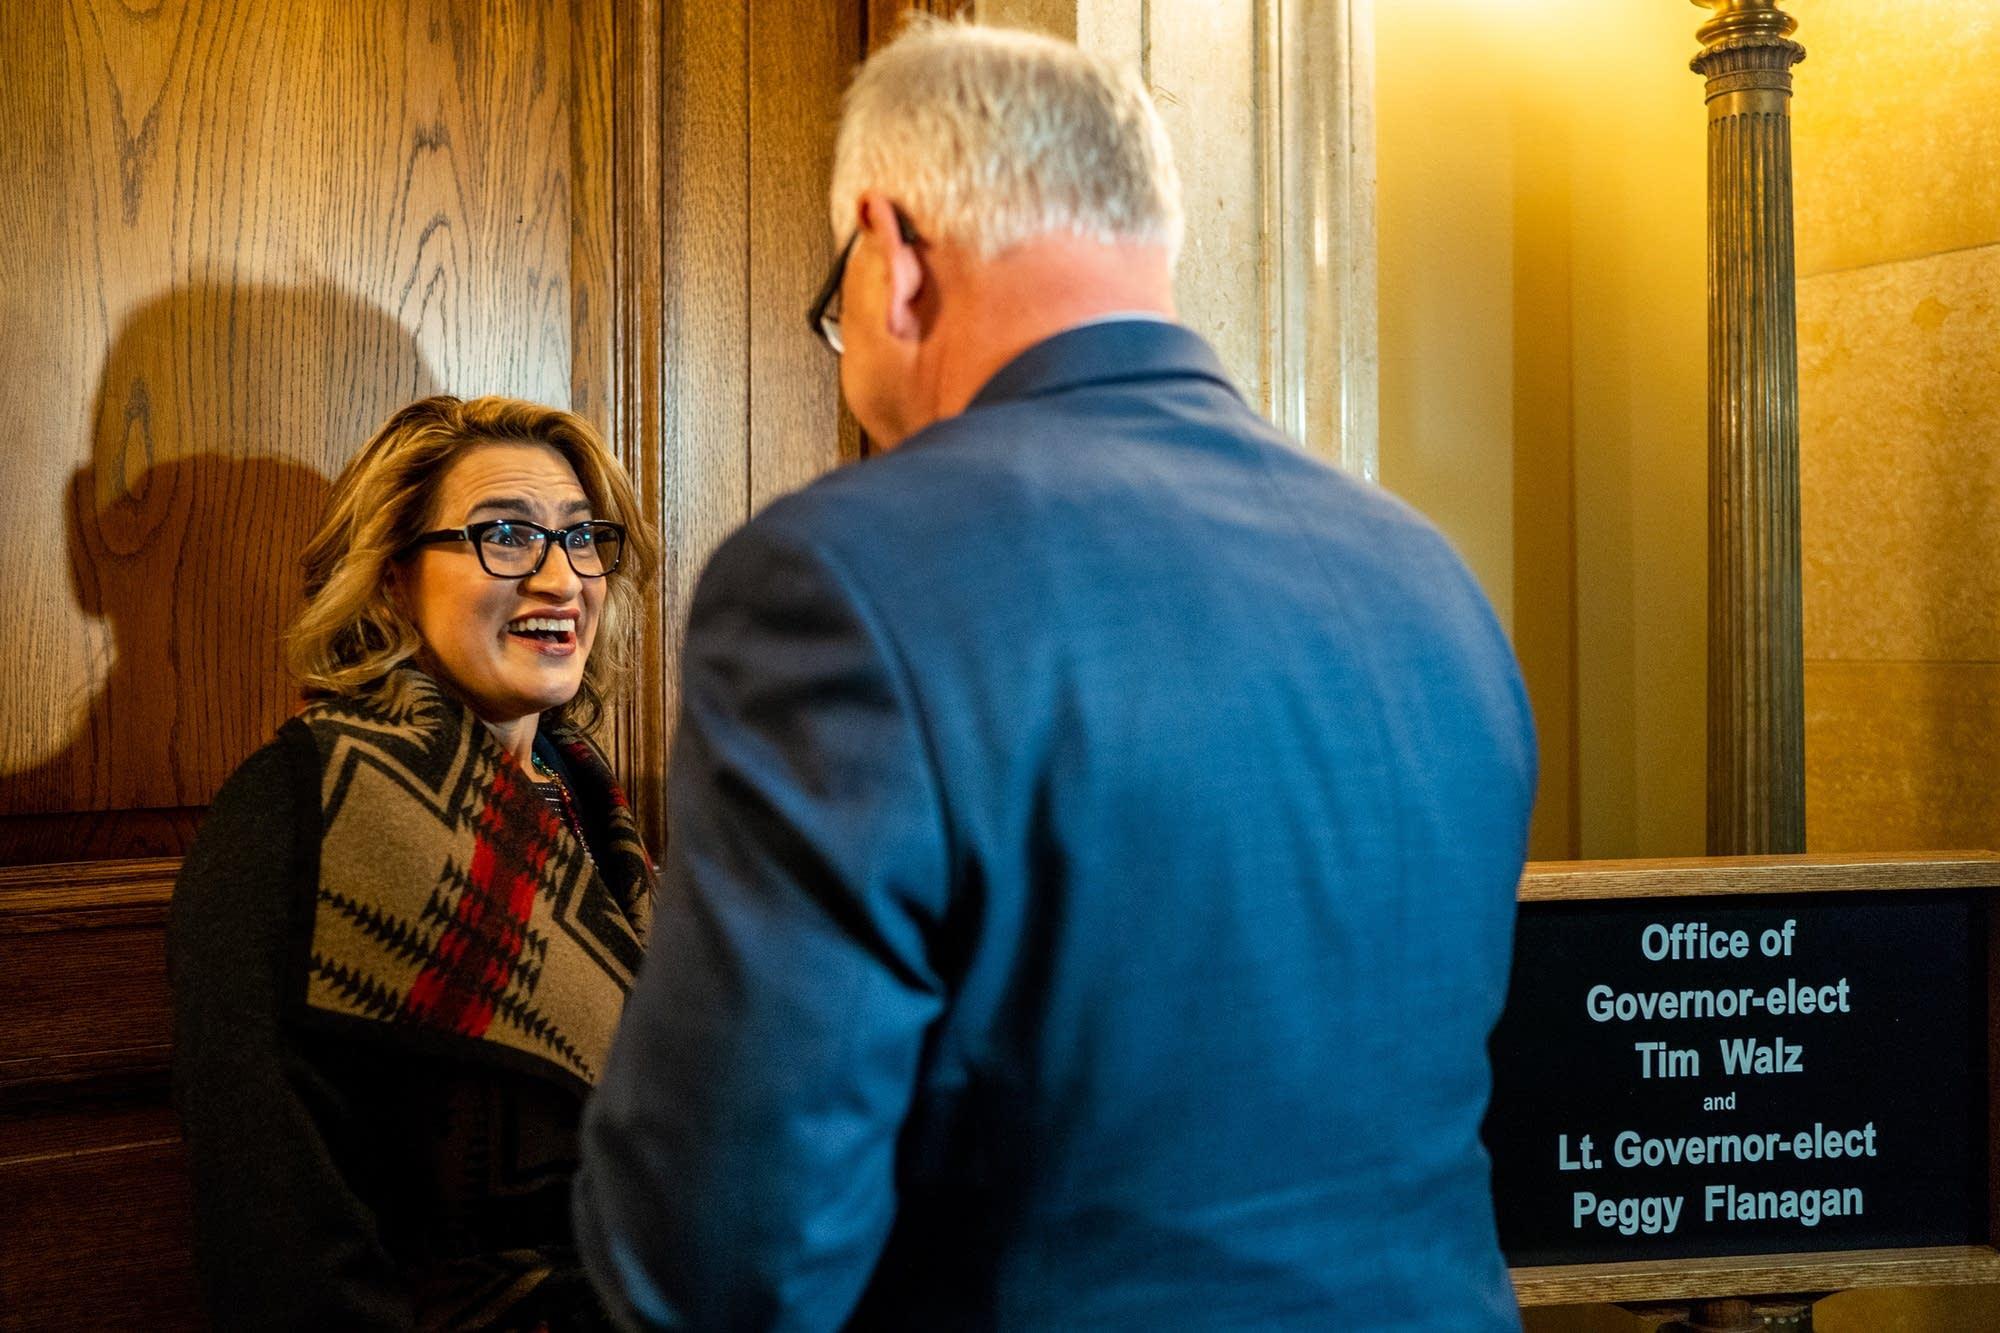 """""""You ready?"""" Governor-elect Tim Walz asks Lt. Governor-elect Peggy Flanagan"""